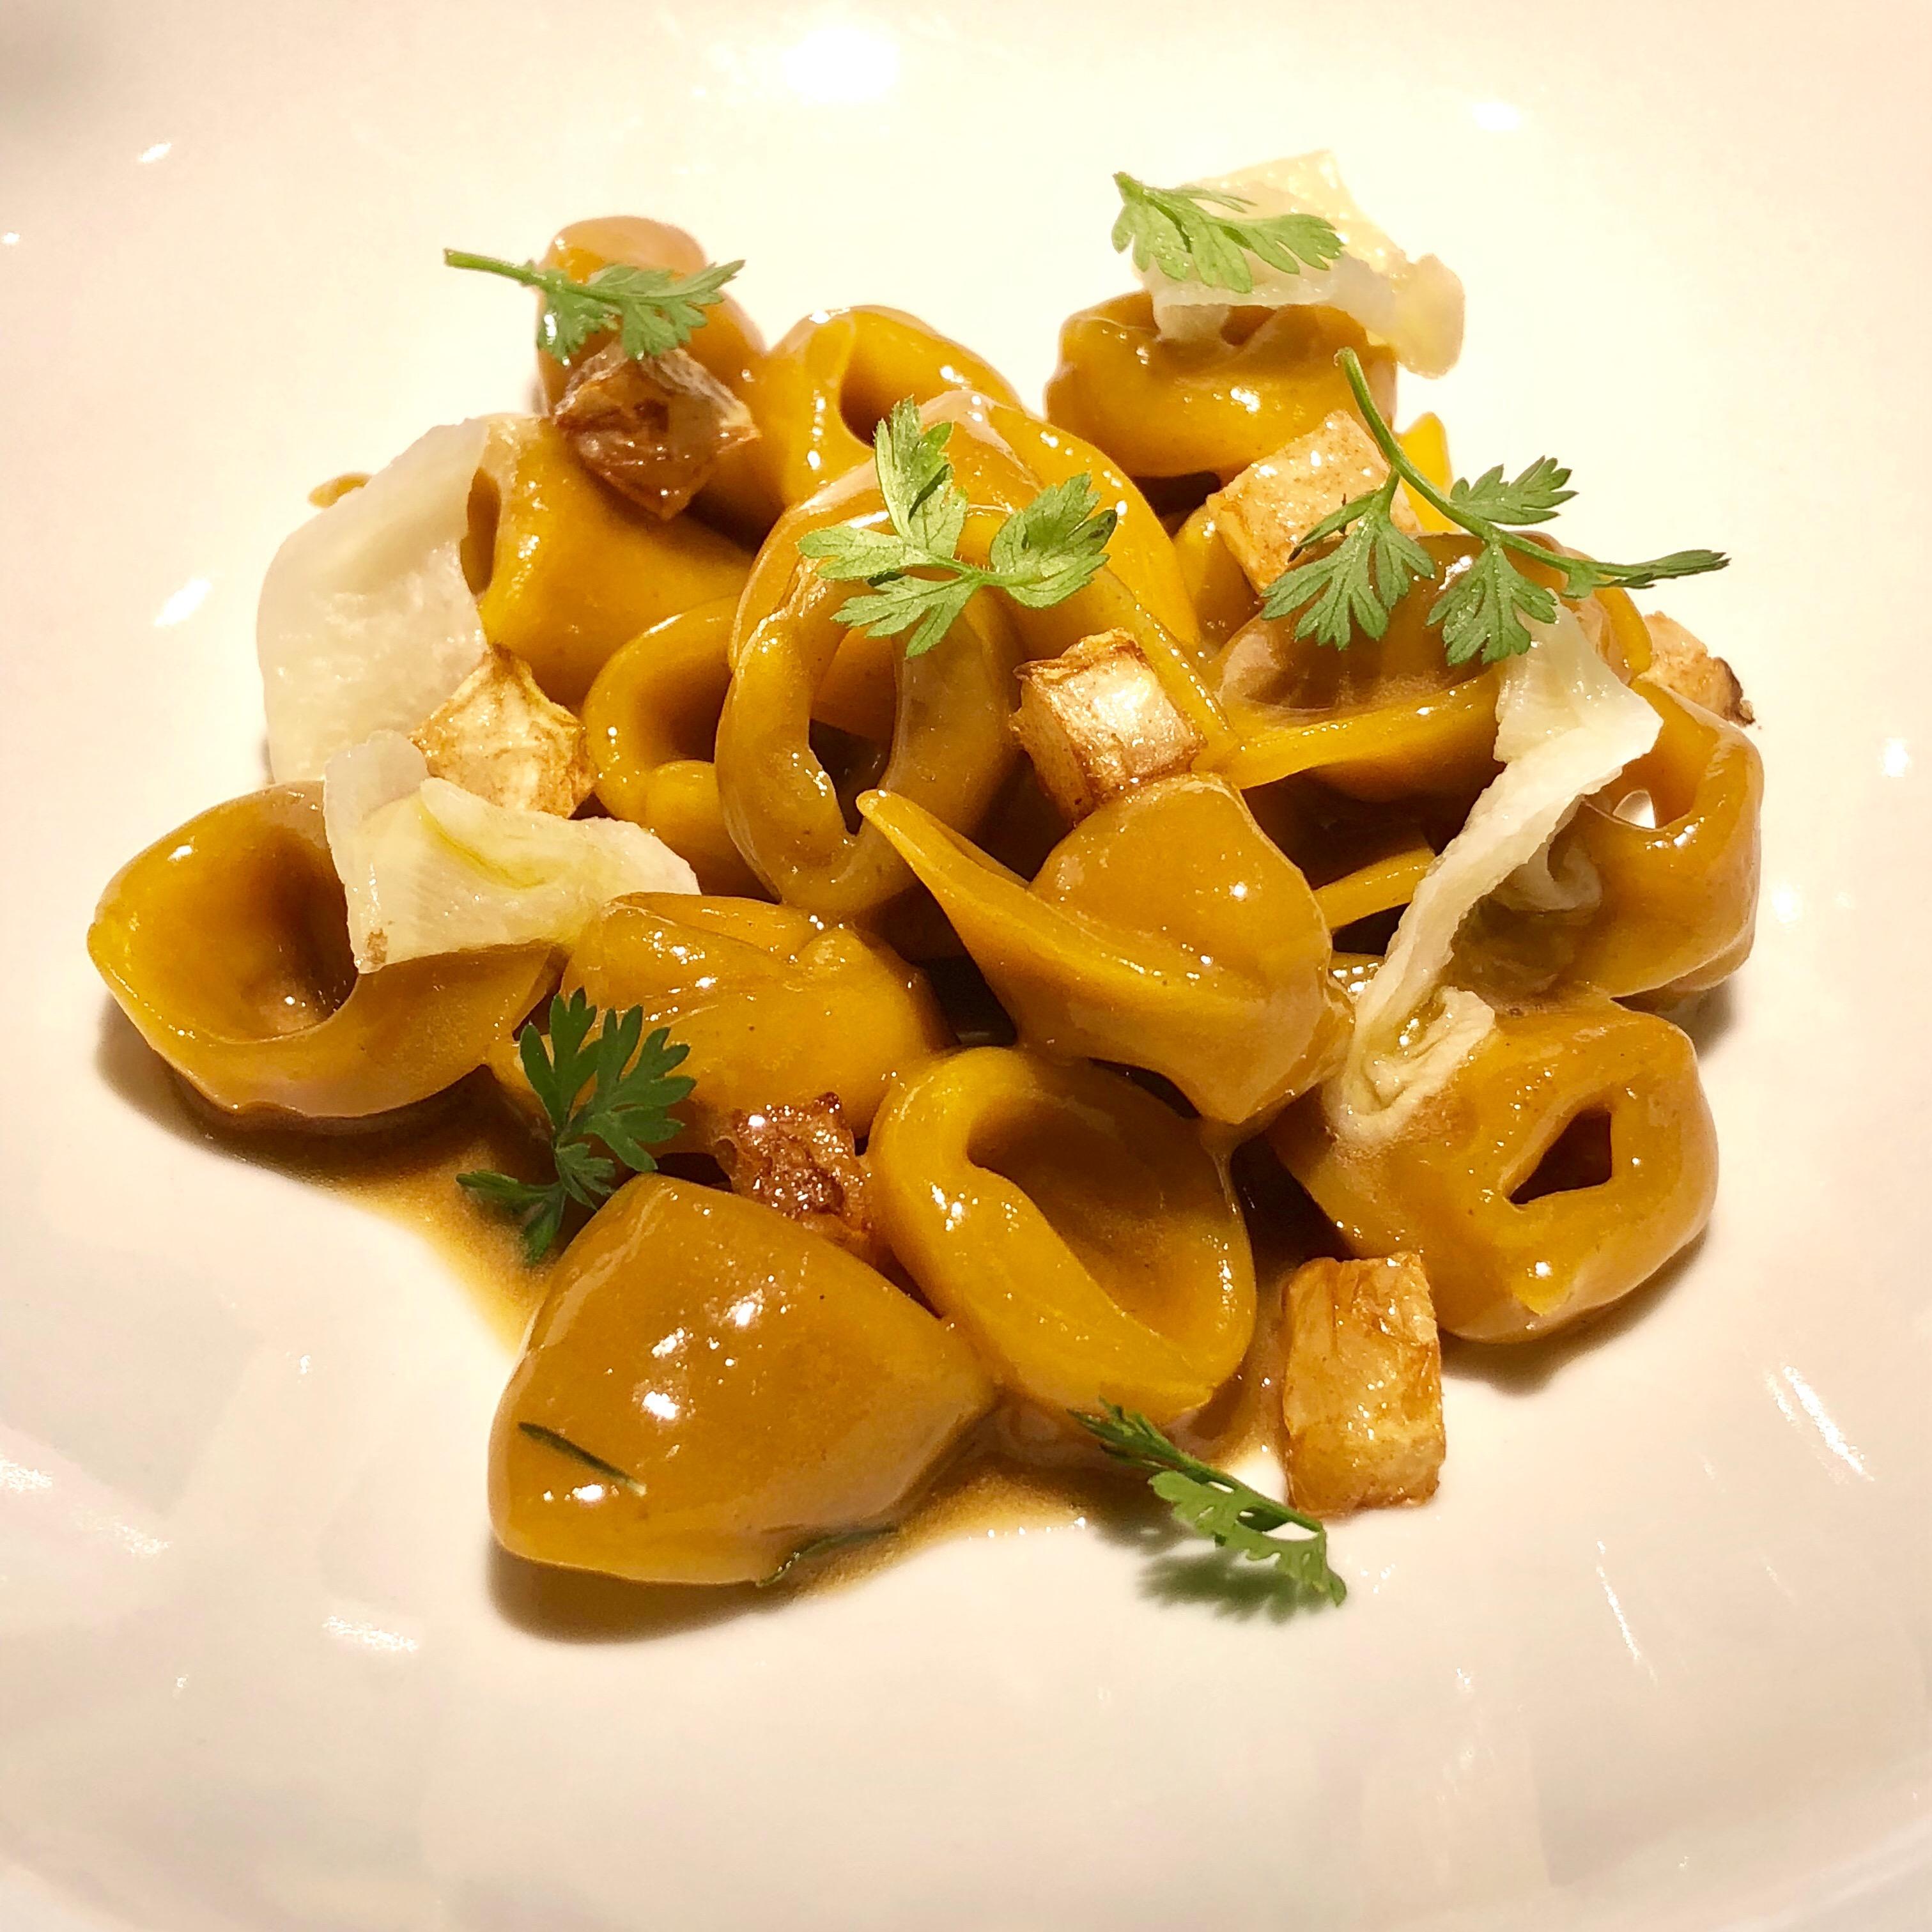 Monte Porzio Catone Cosa Vedere retro bottega: modern italian cuisine in the heart of rome